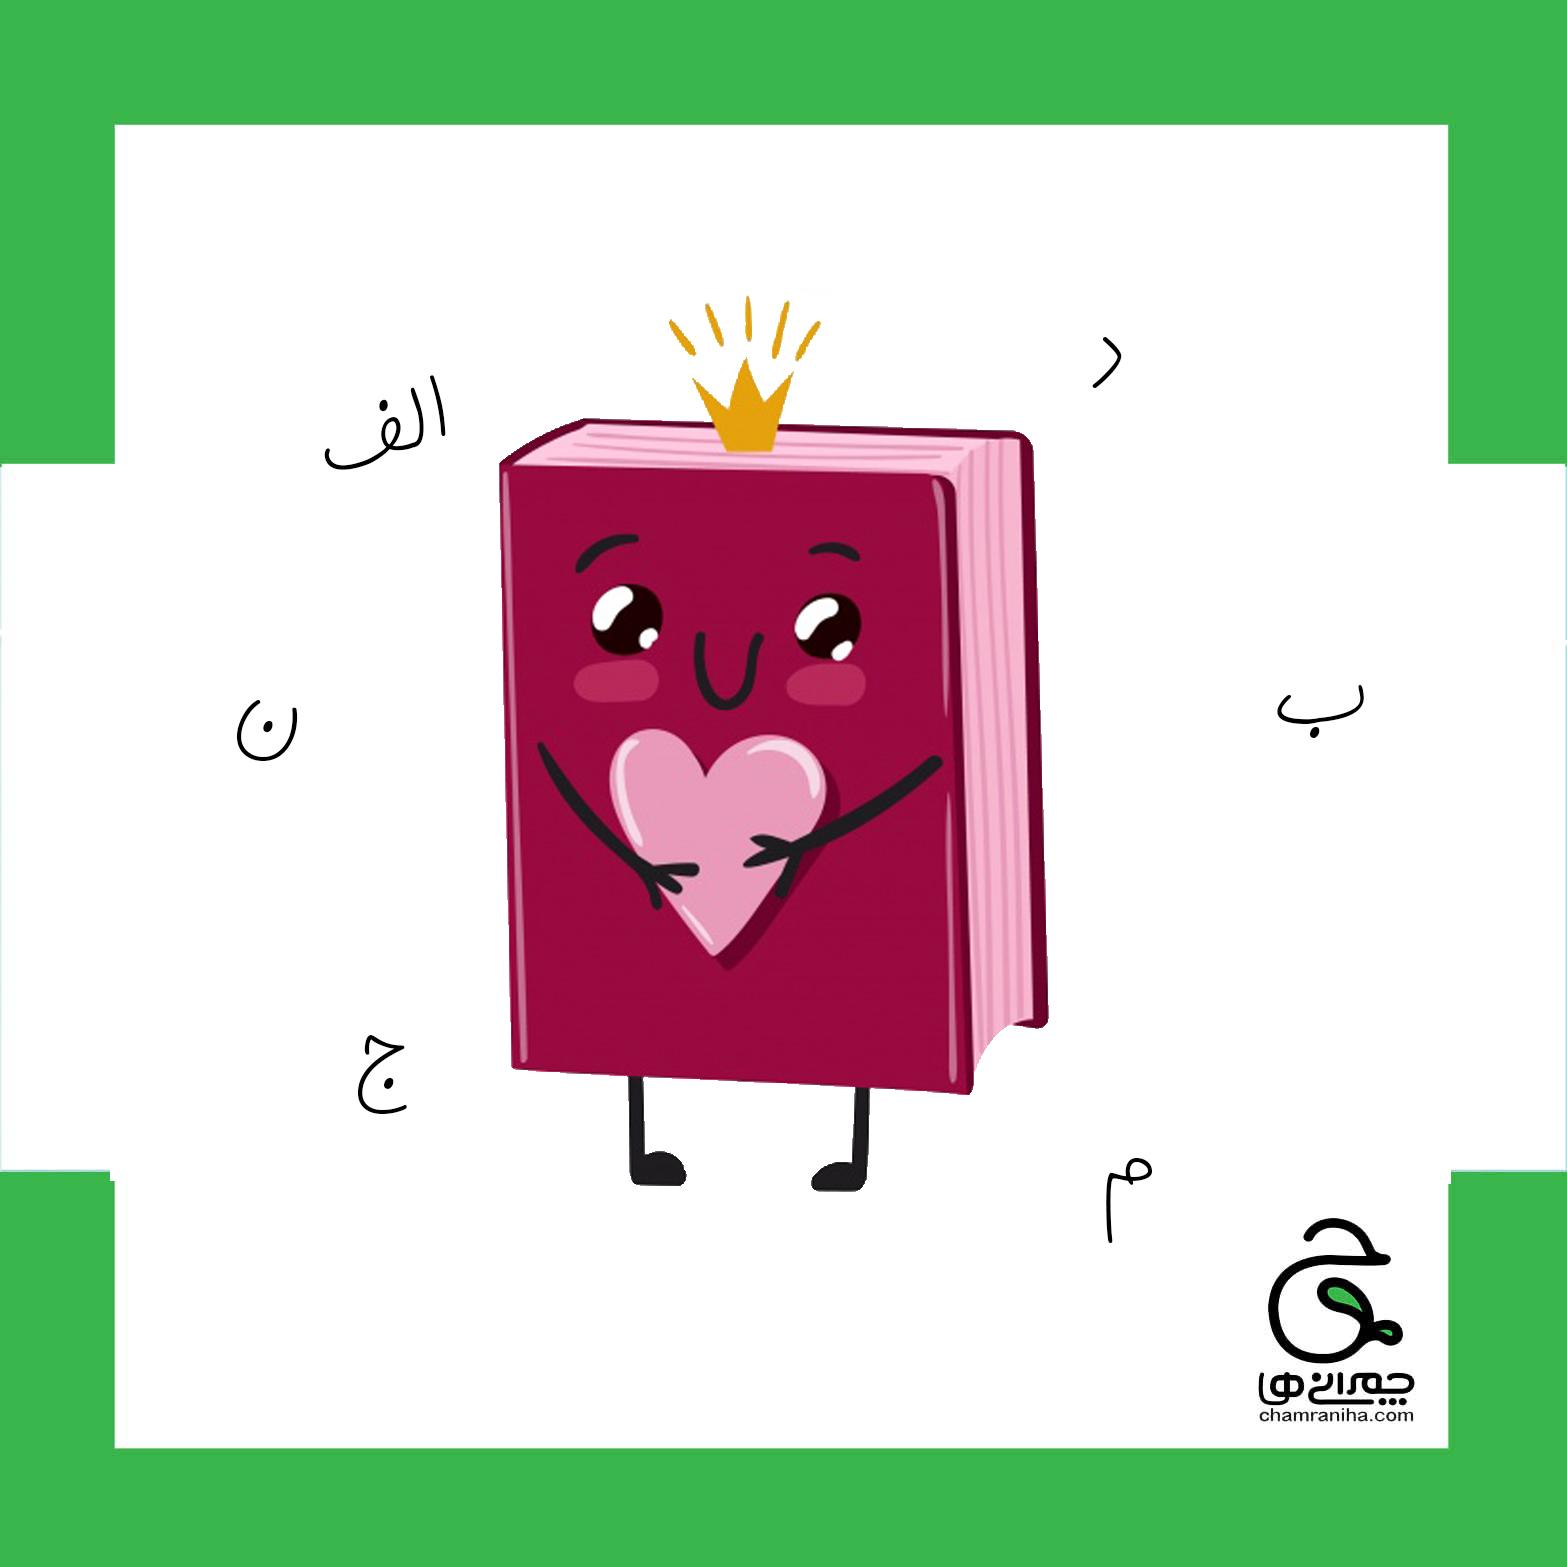 عشق به کتاب فارسی، عشق به همهی خوبیهاست!